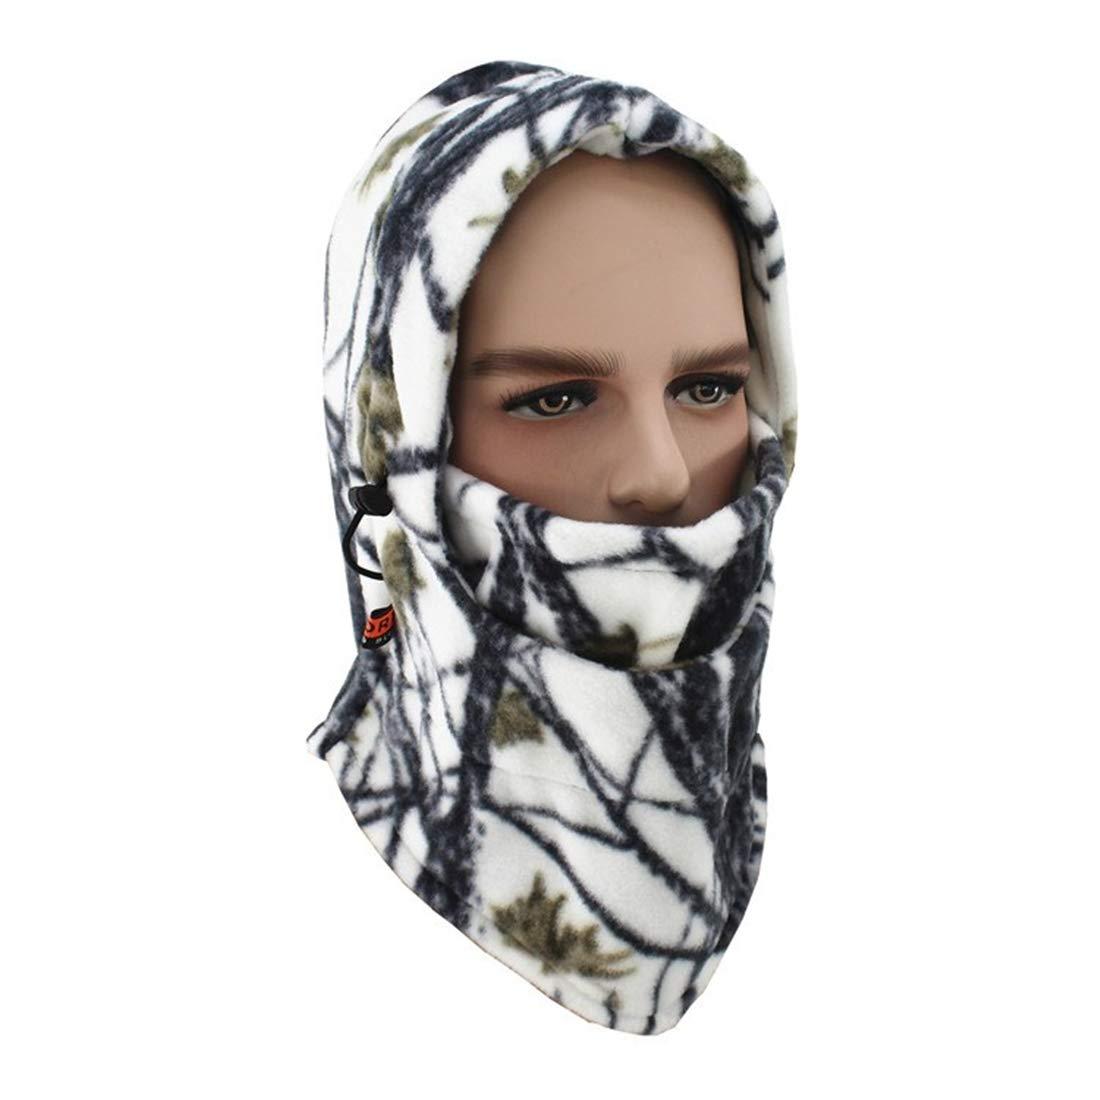 Yeying123 Autunno E Inverno Mimetico Outdoor Multi-Funzione Felpa con Cappuccio Sci Camuffamento Cappello Antivento, Camouflage1 96321